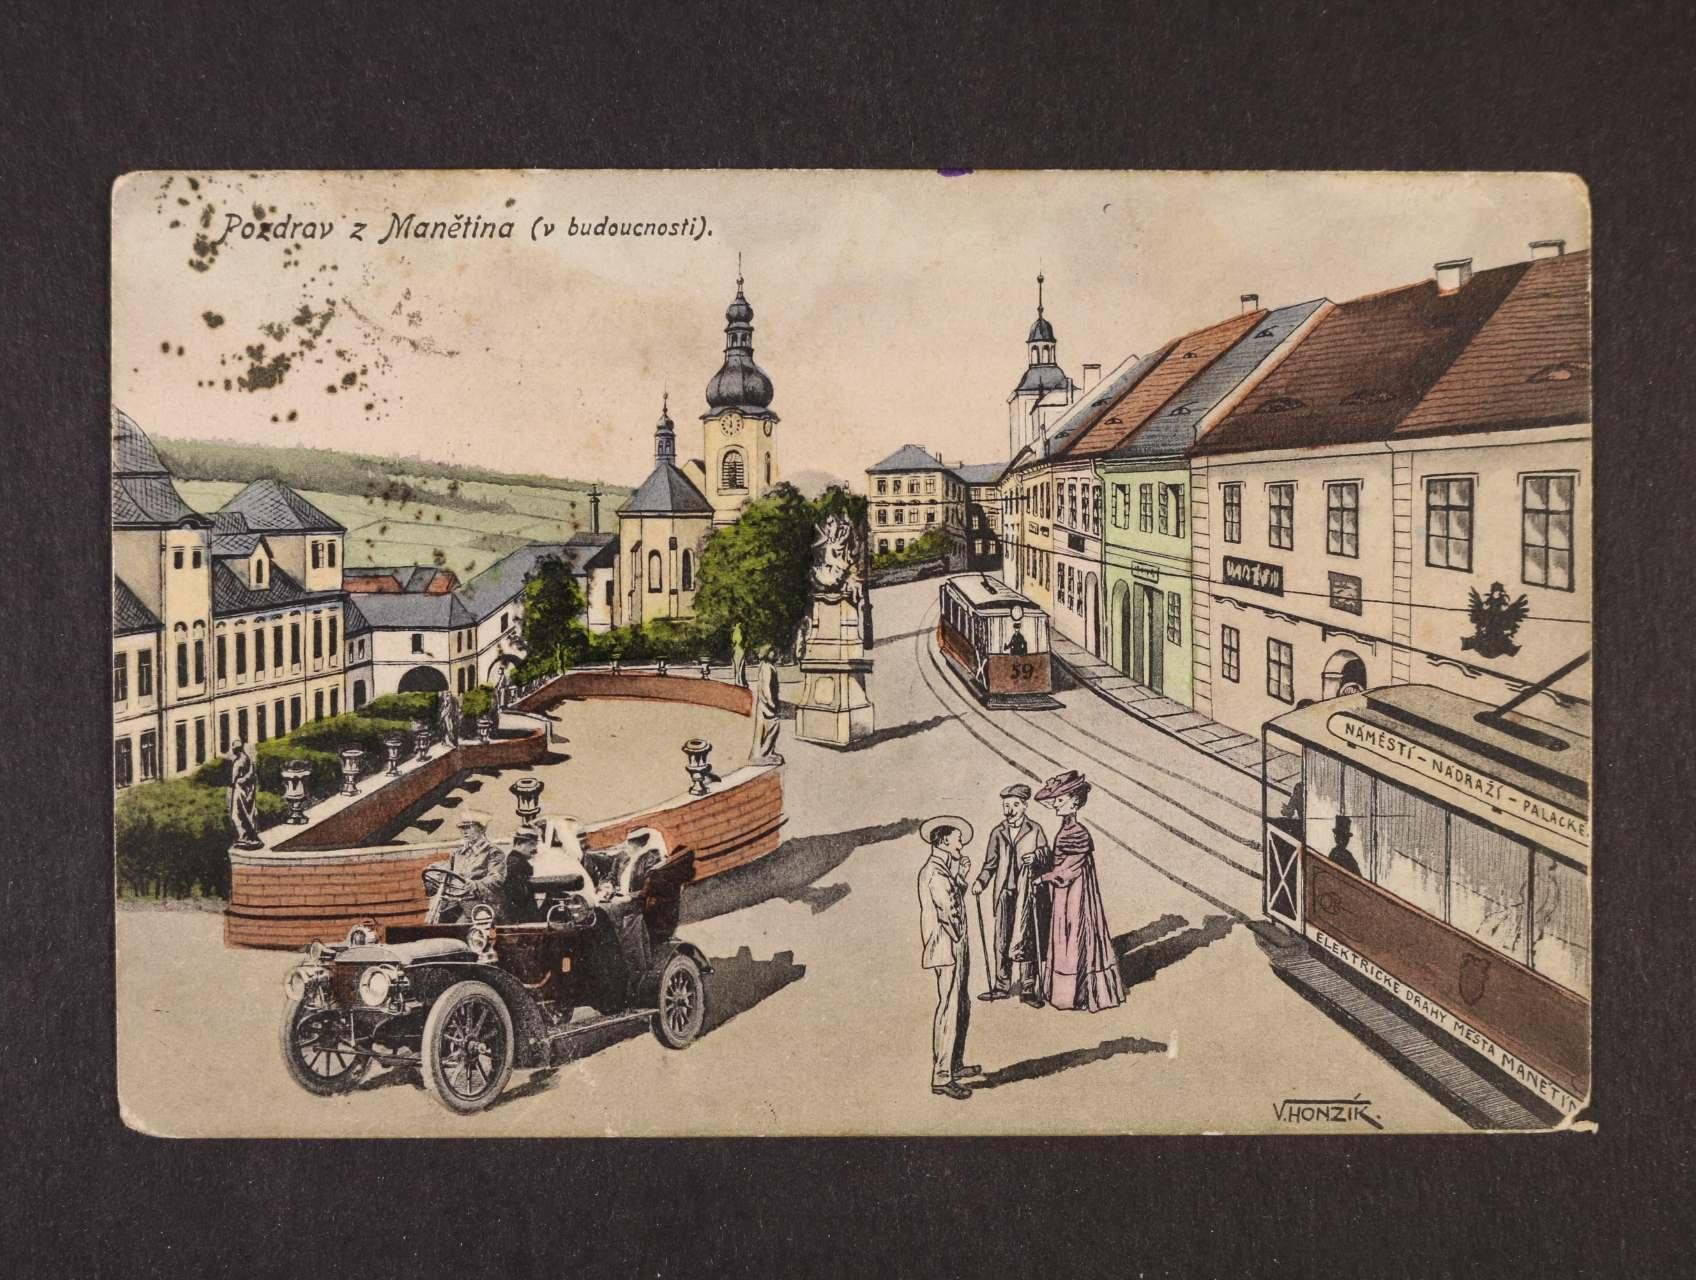 Manětín - bar. pohlednice použitá kolem r. 1910, k prohlédnutí